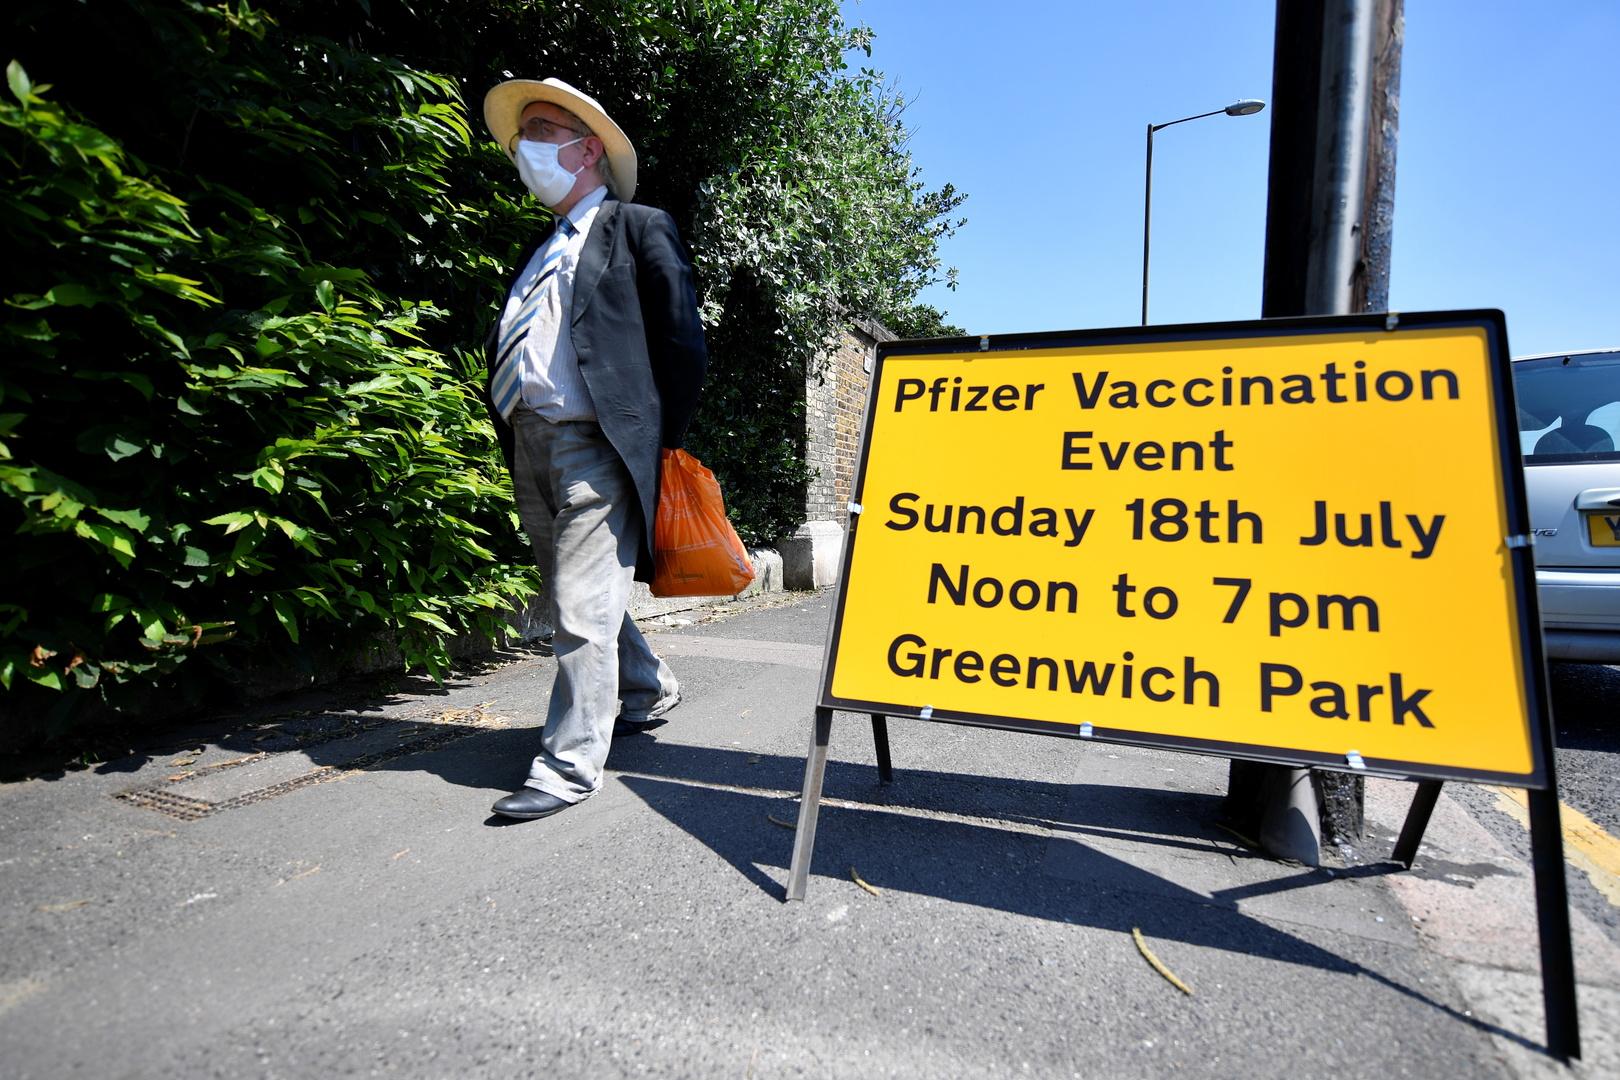 بريطانيا: 60% من مصابي كورونا في المستشفيات خضعوا للتطعيم